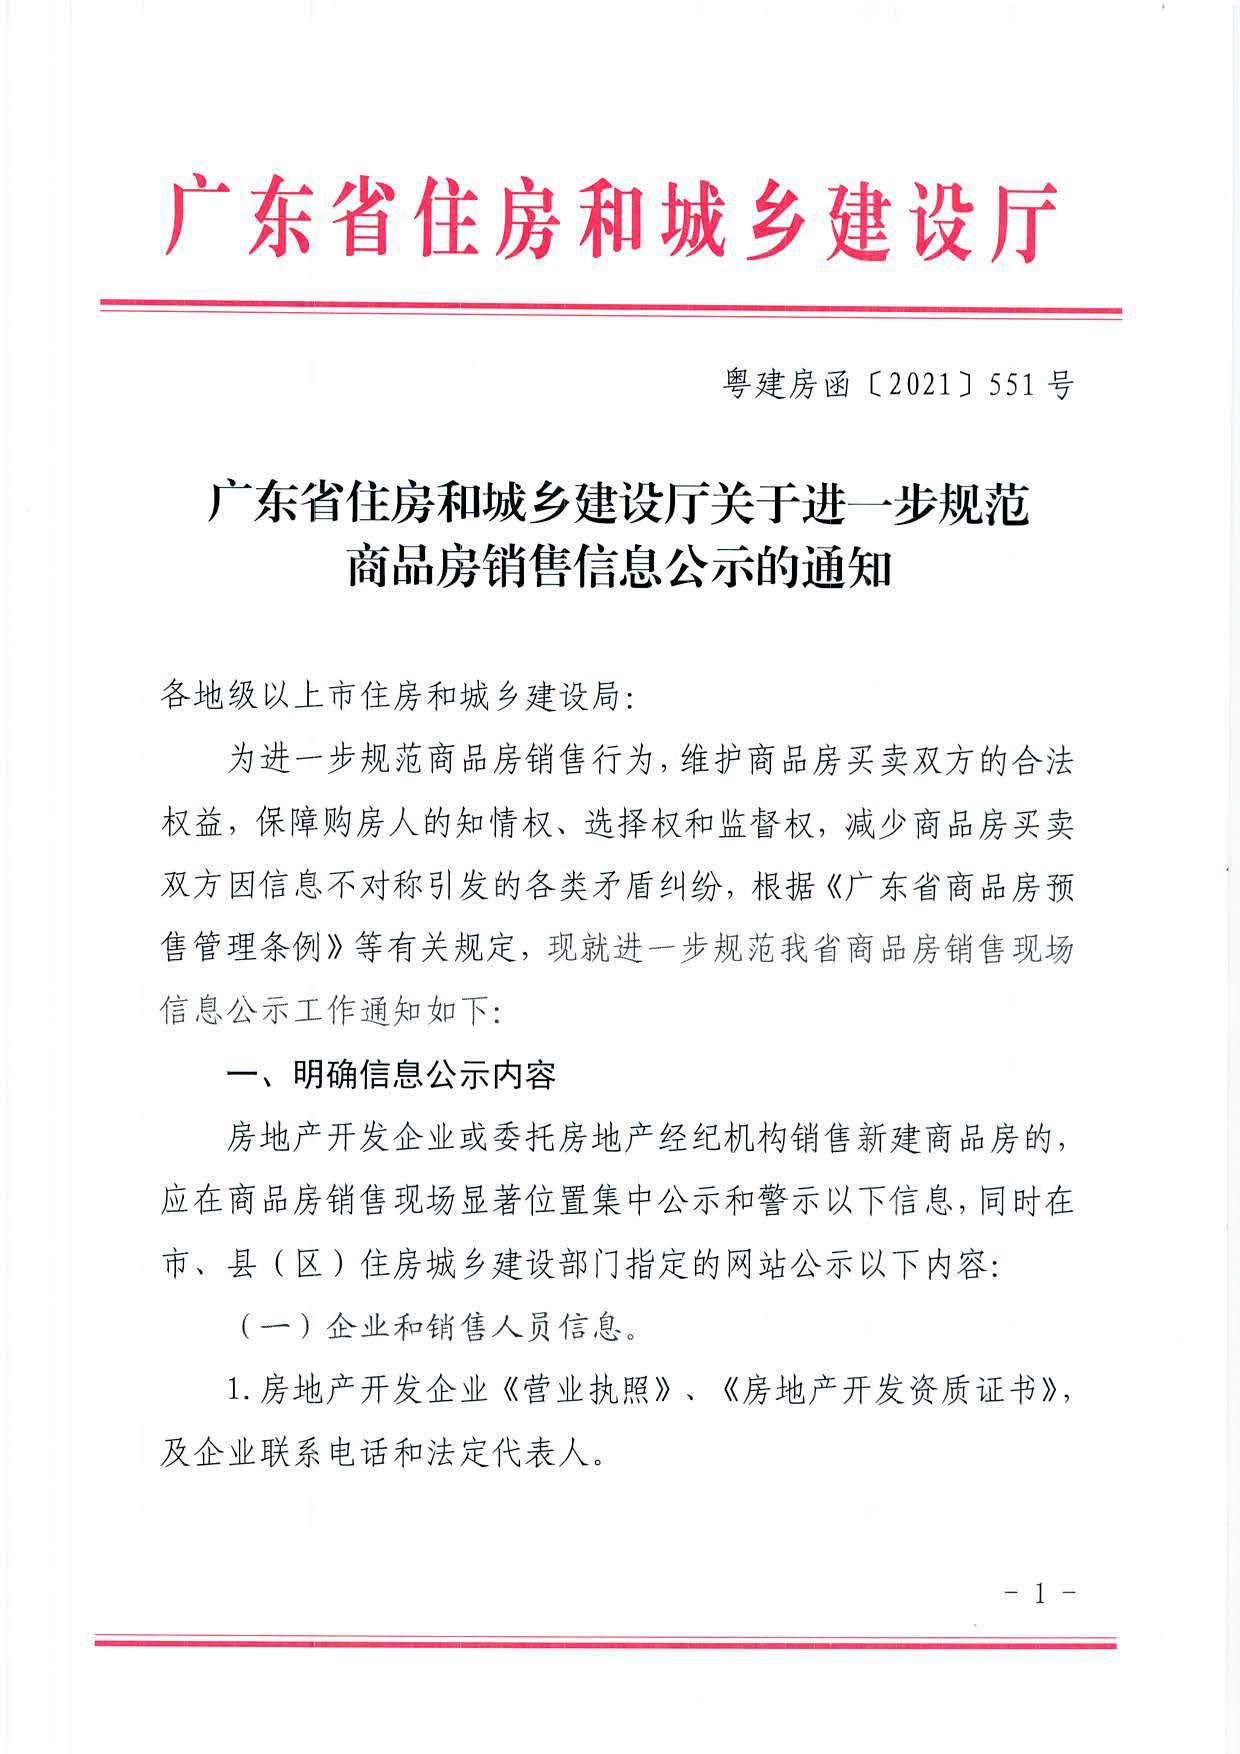 广州:新房备案价要求现场公示